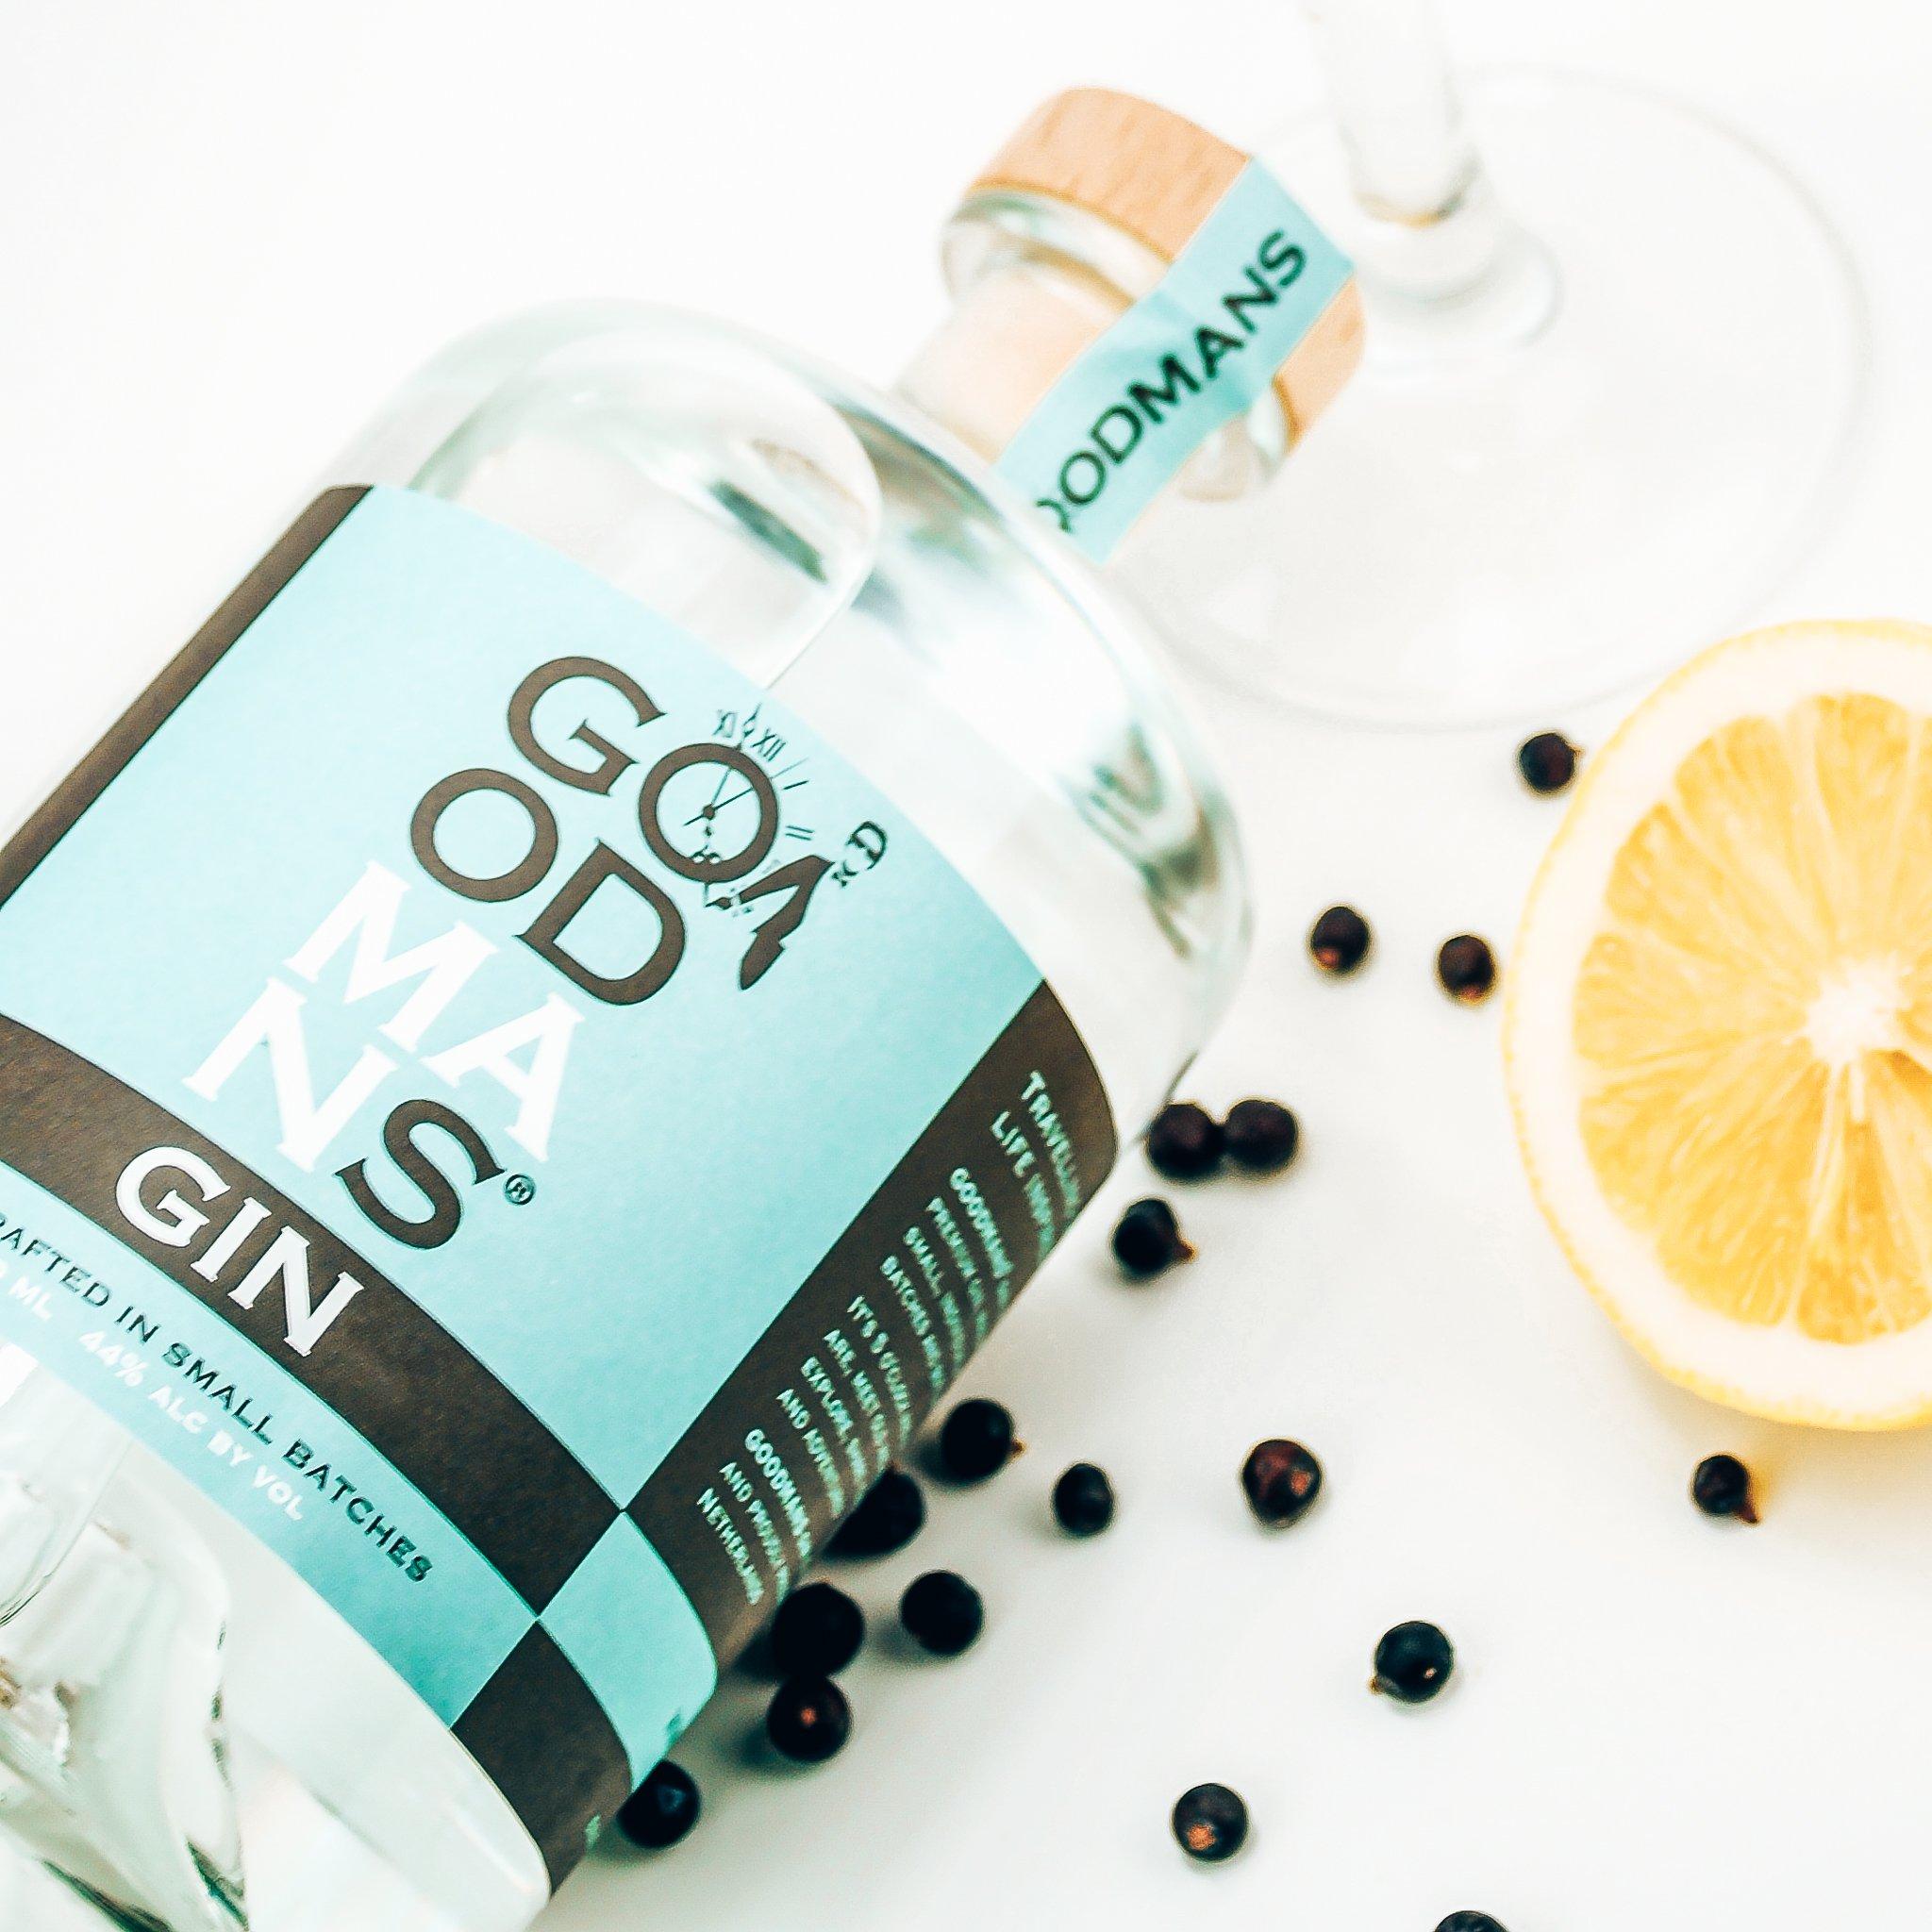 Goodmans Gin, fles en label, Alles over gin.